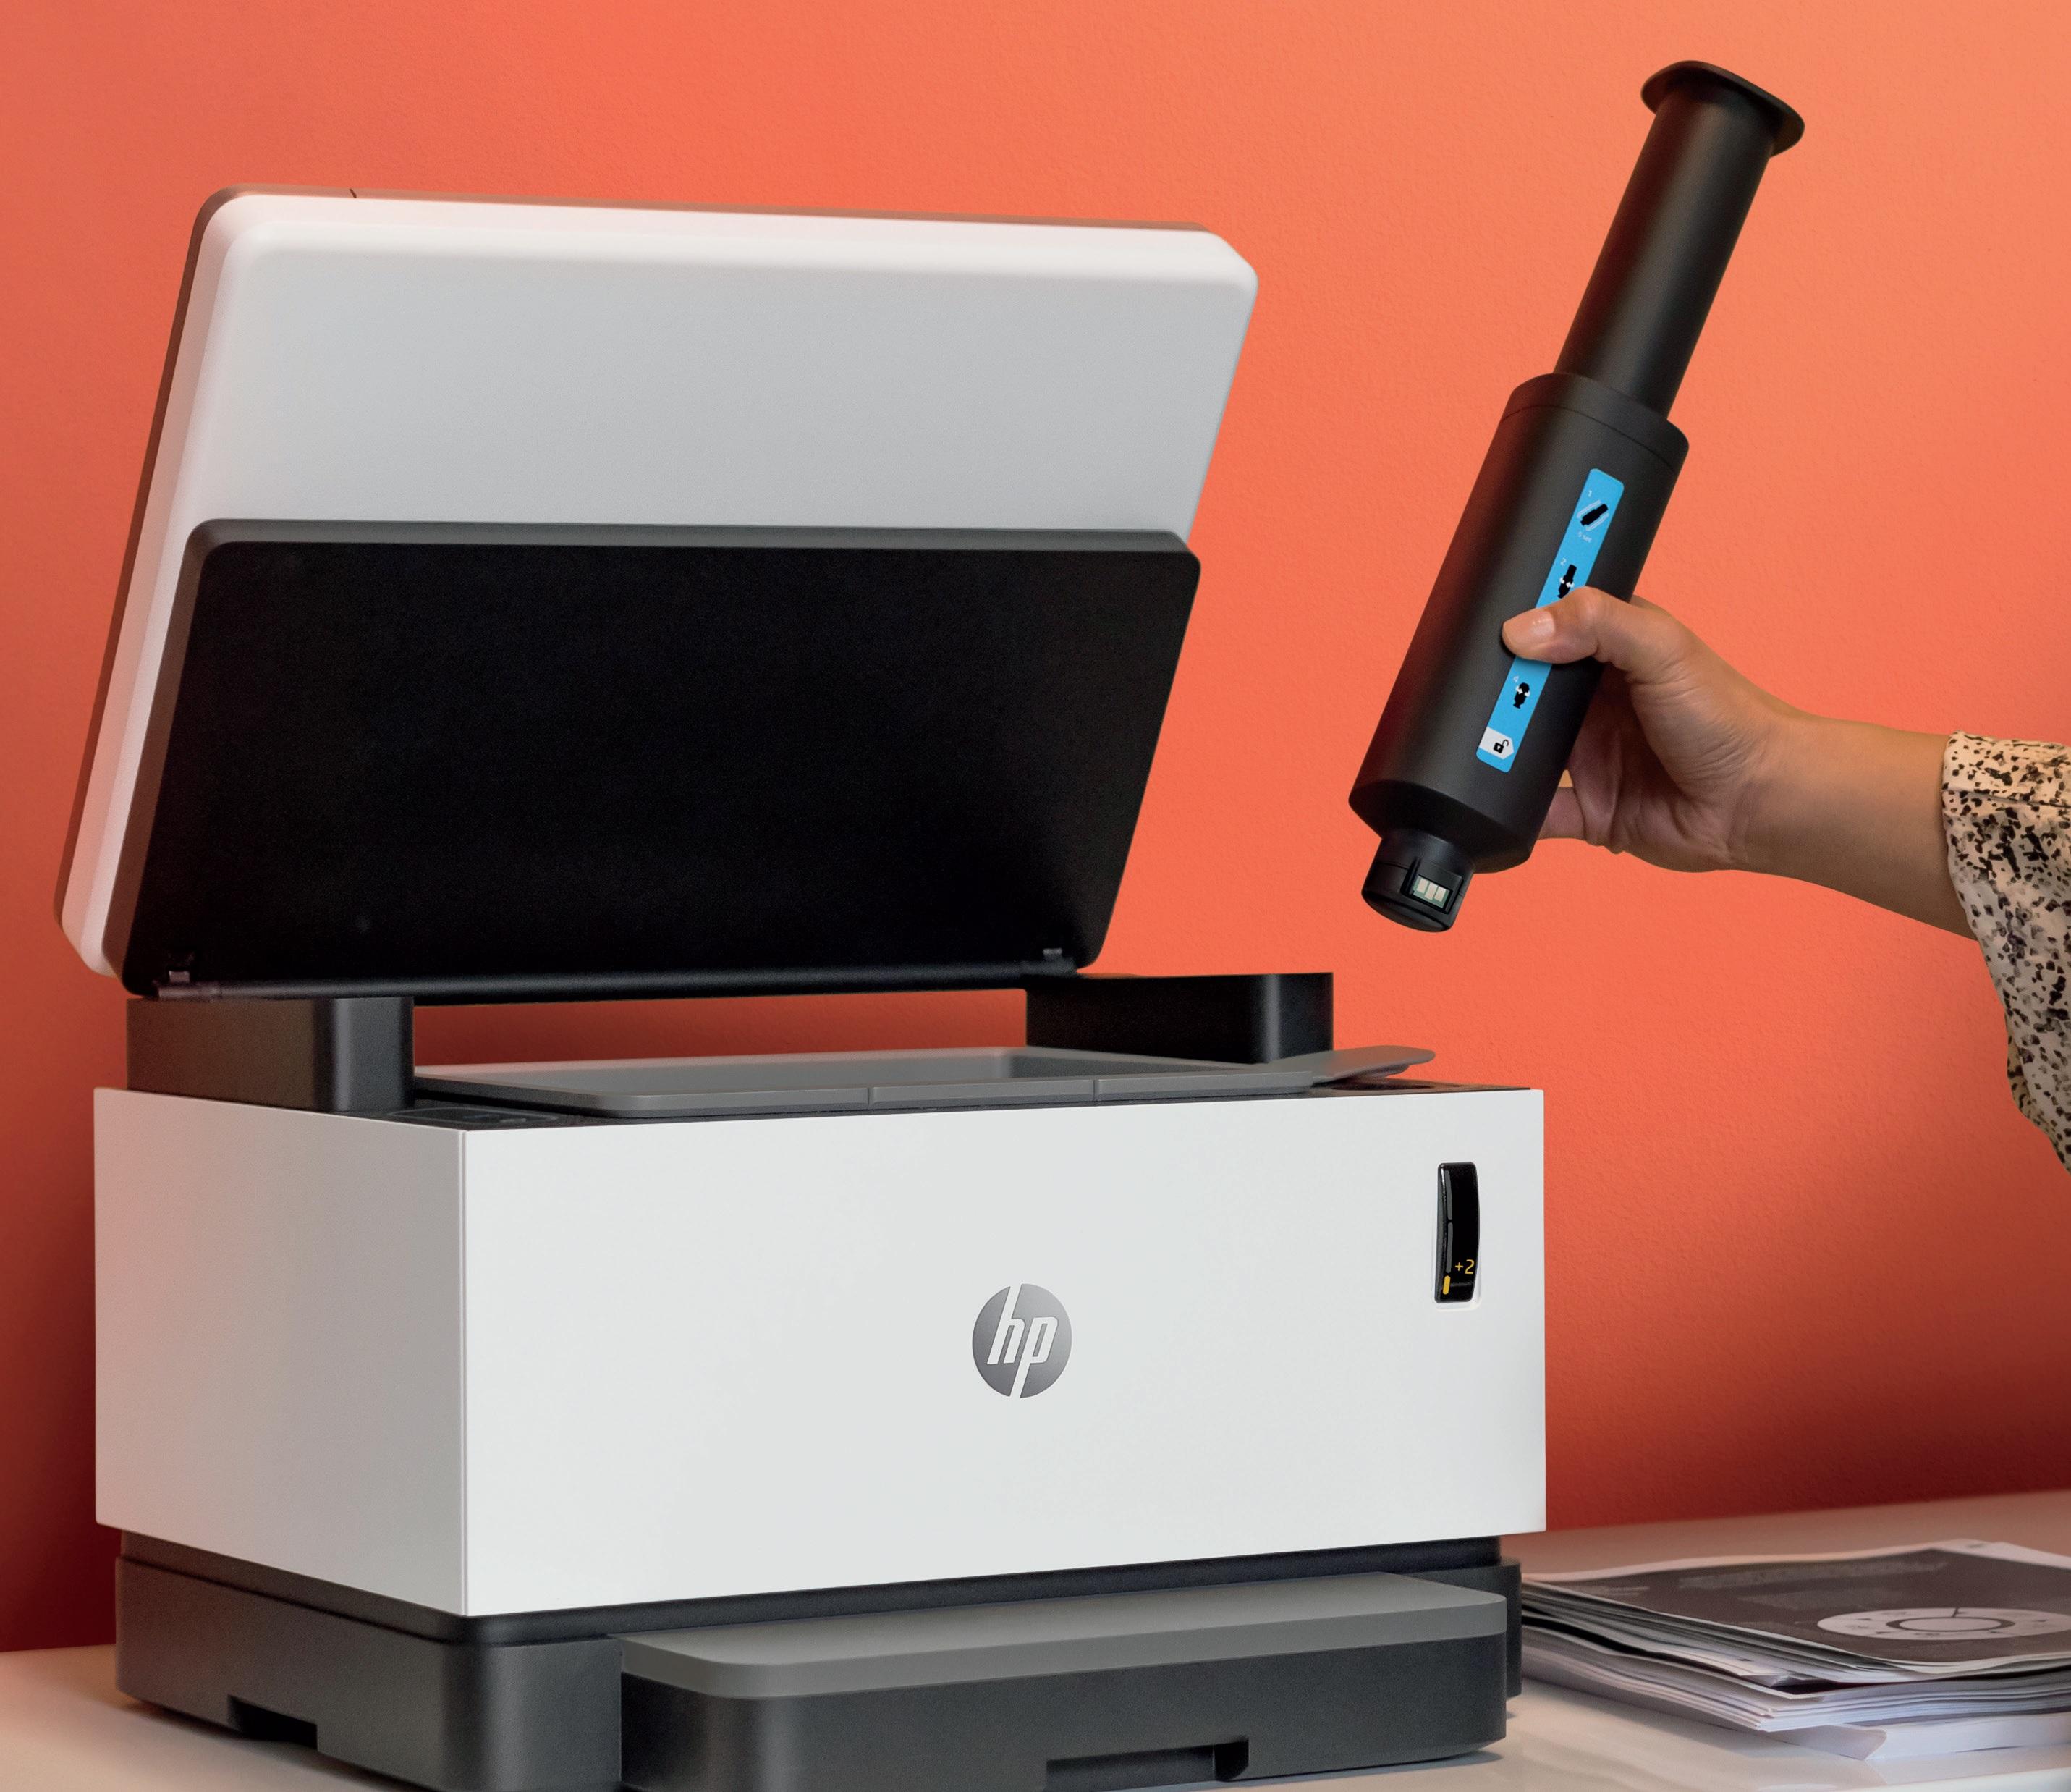 Máy in HP Laser Neverstop là gì? Tại sao bạn nên quan tâm về các dòng máy in Laser mới của HP?